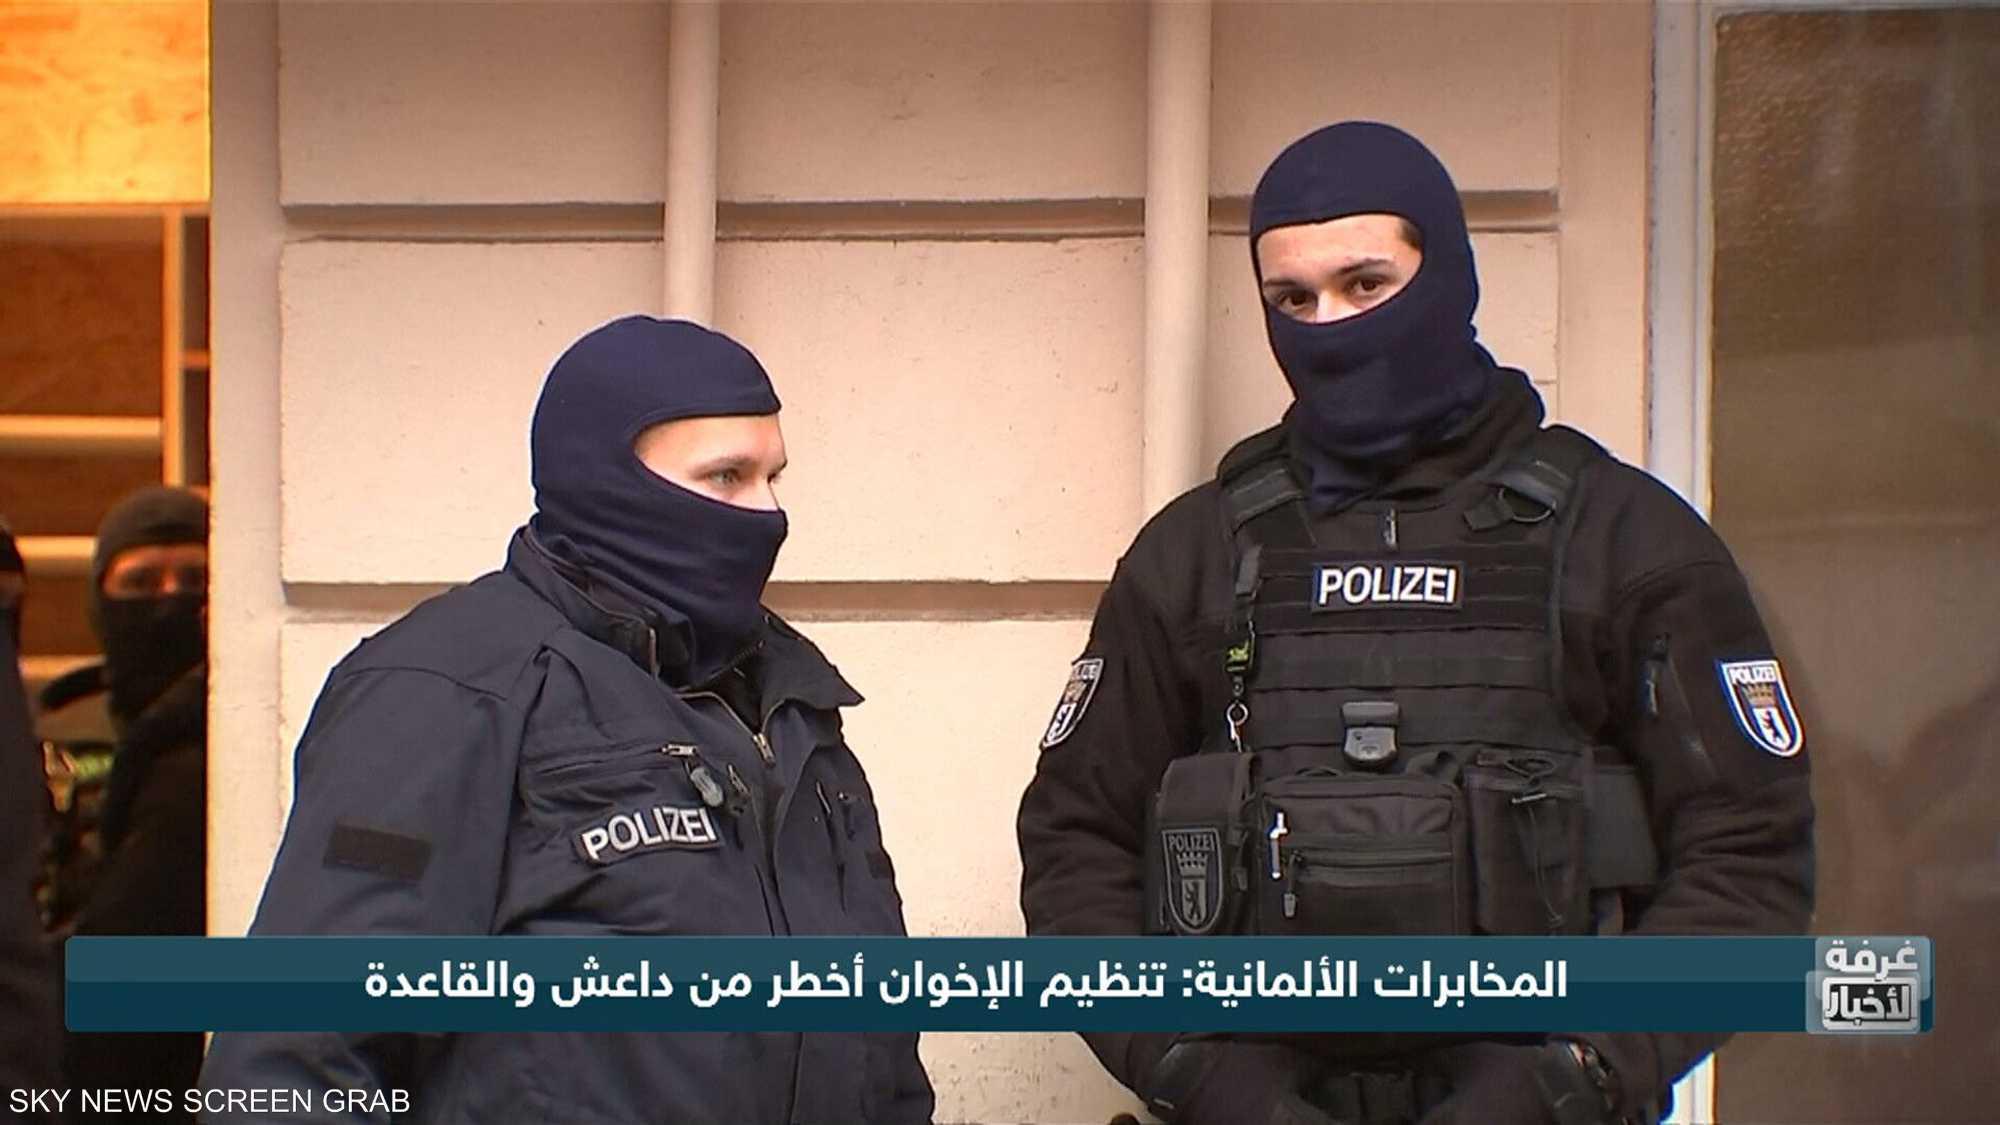 ألمانيا.. تنظيم الإخوان يتجه للوائح الإرهاب